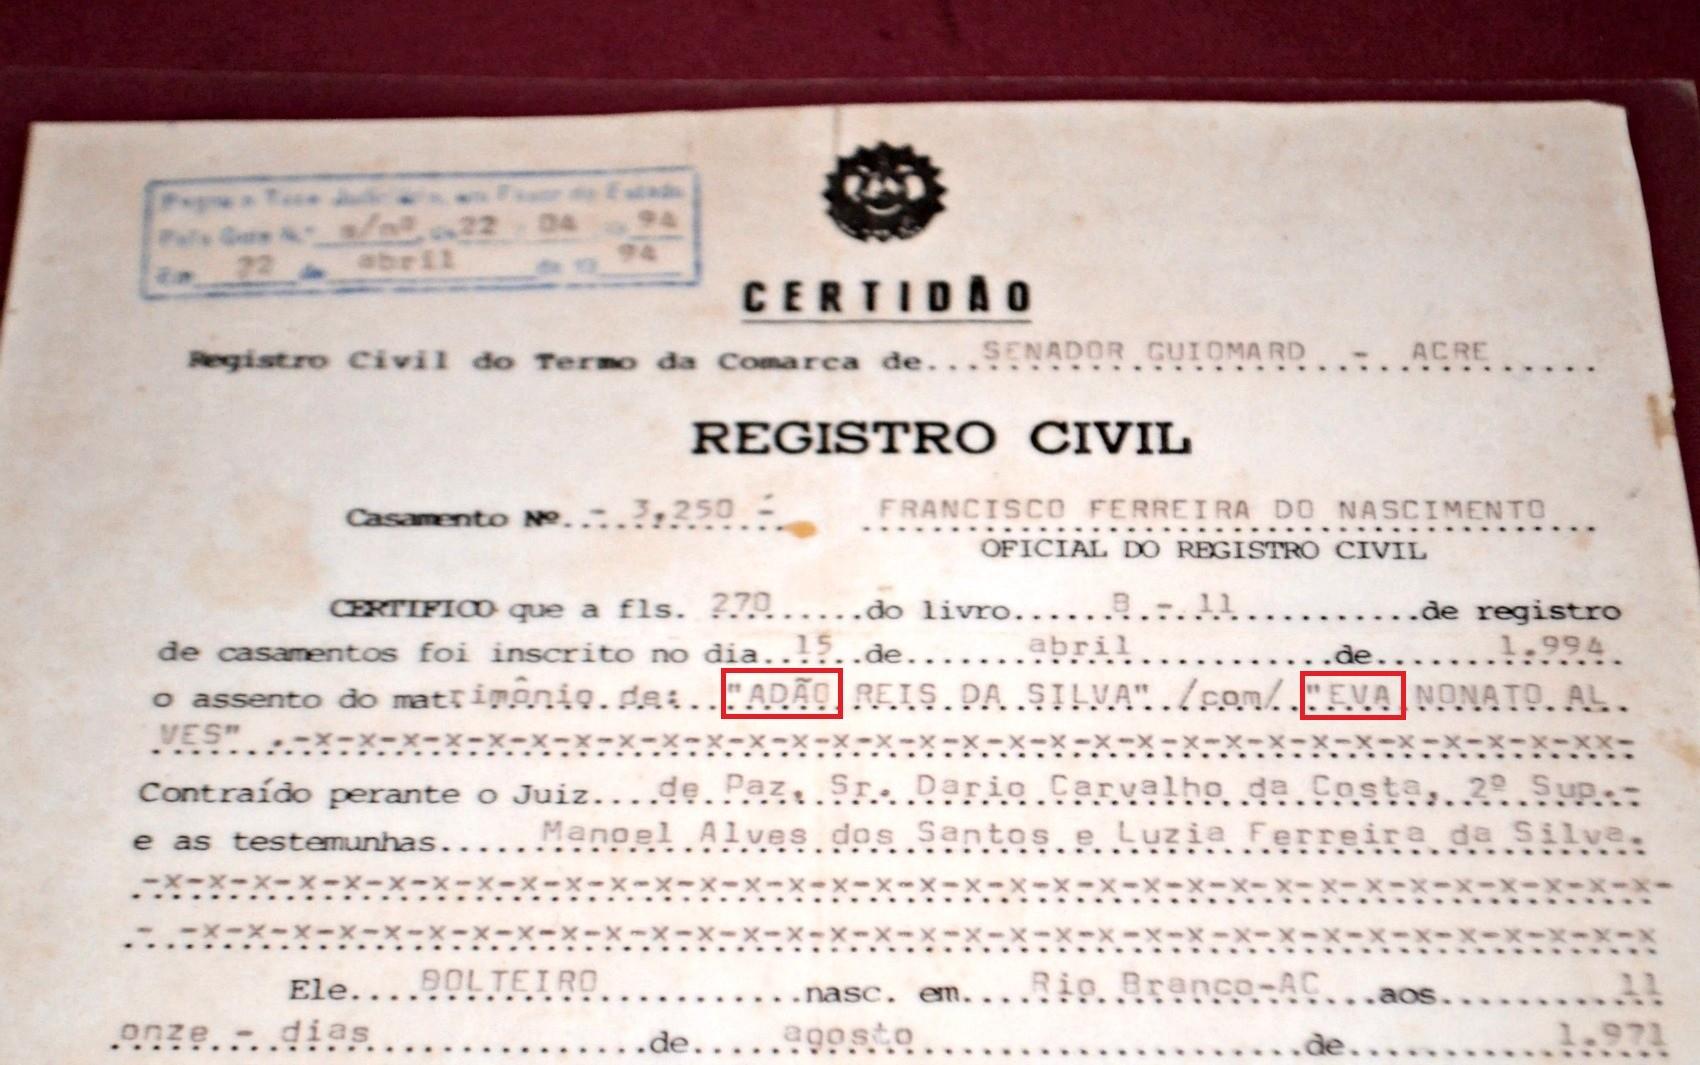 Casal subiu ao altar em 1994 no município de Senador Guiomard (Foto: Caio Fulgêncio/G1)